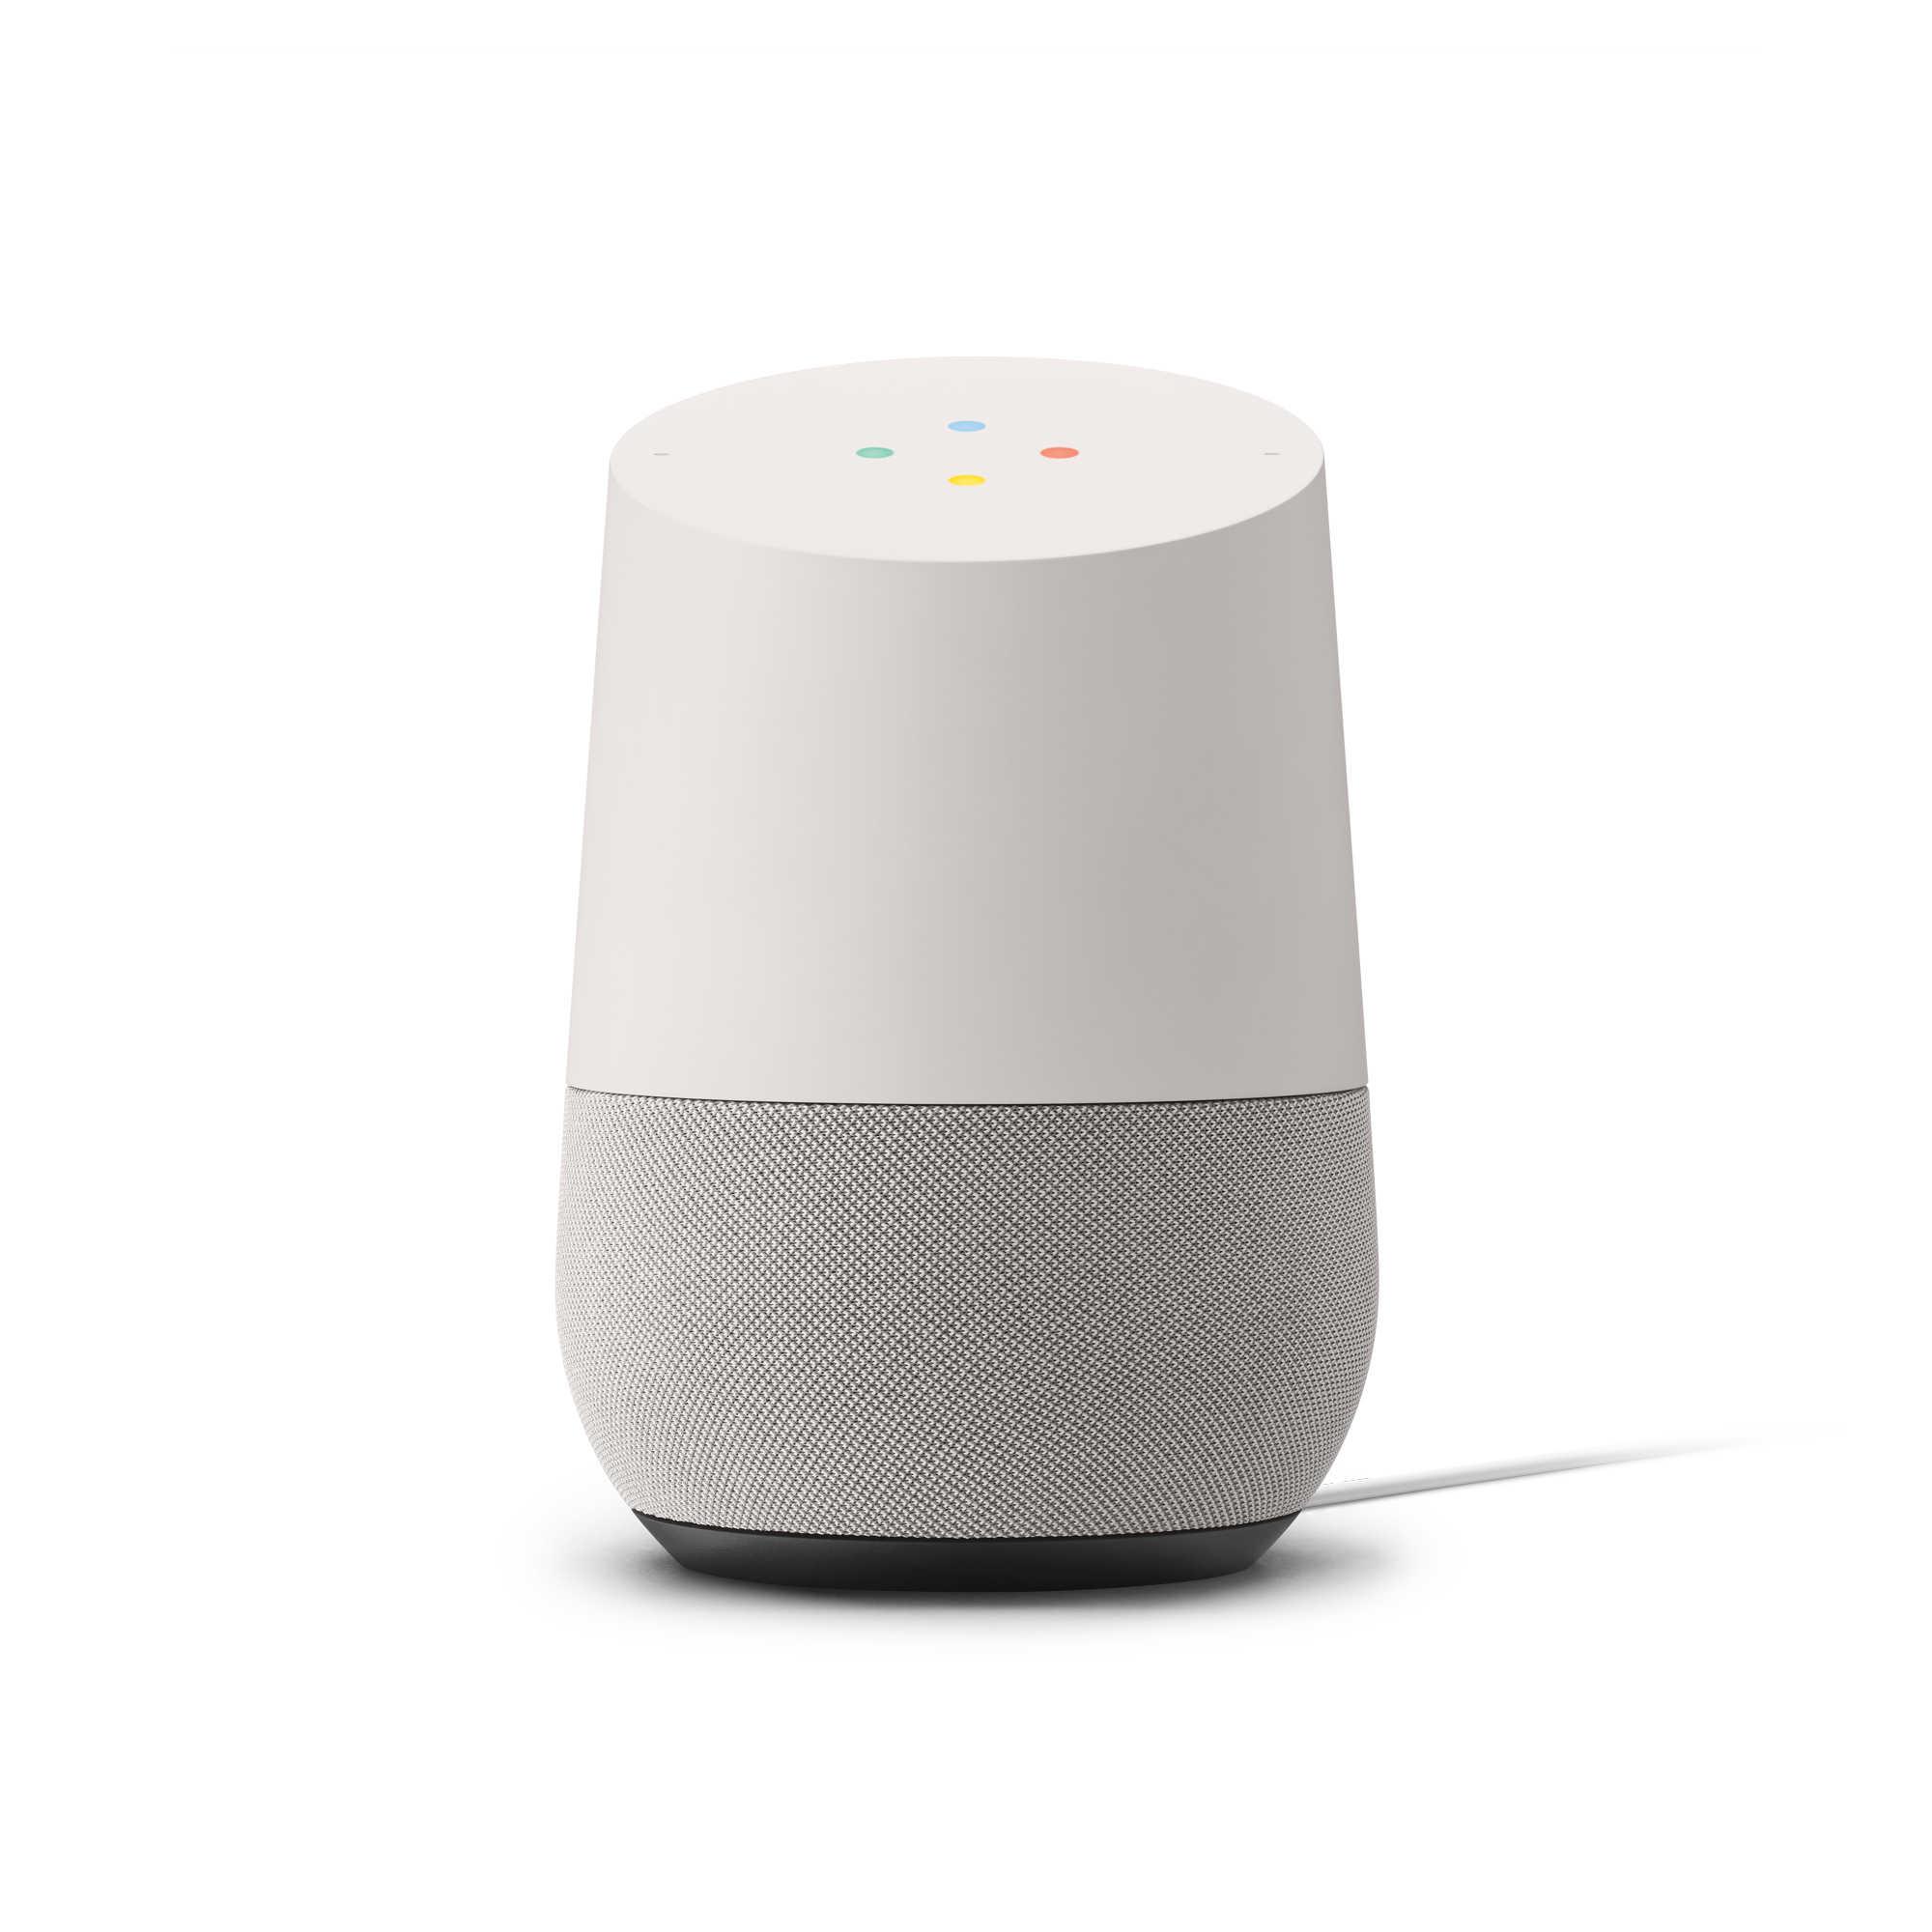 인공지능 구글홈 Google home 구글 블루투스 스피커, 단일 색상